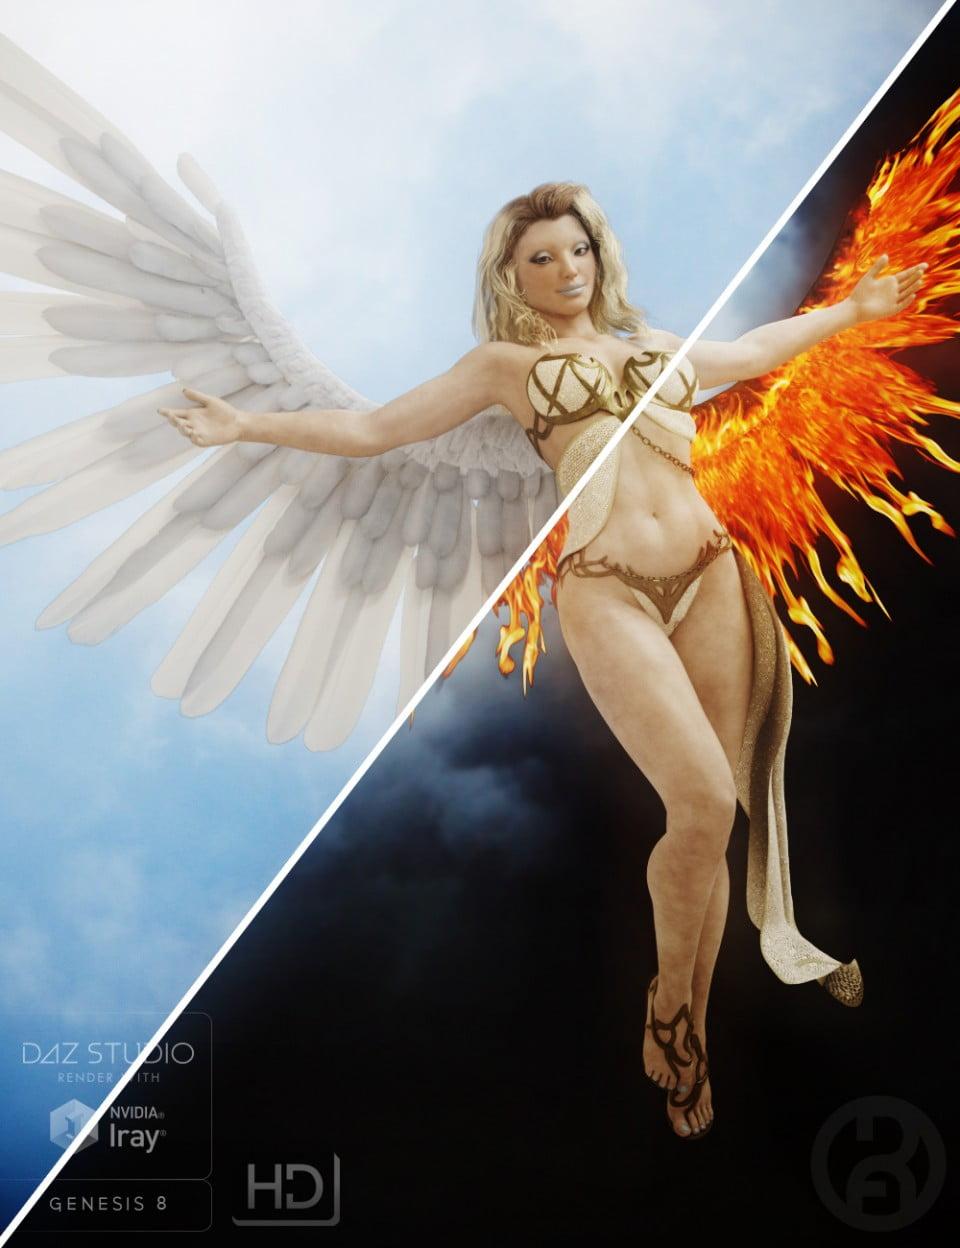 Seraphim Wings for Genesis 8 Female